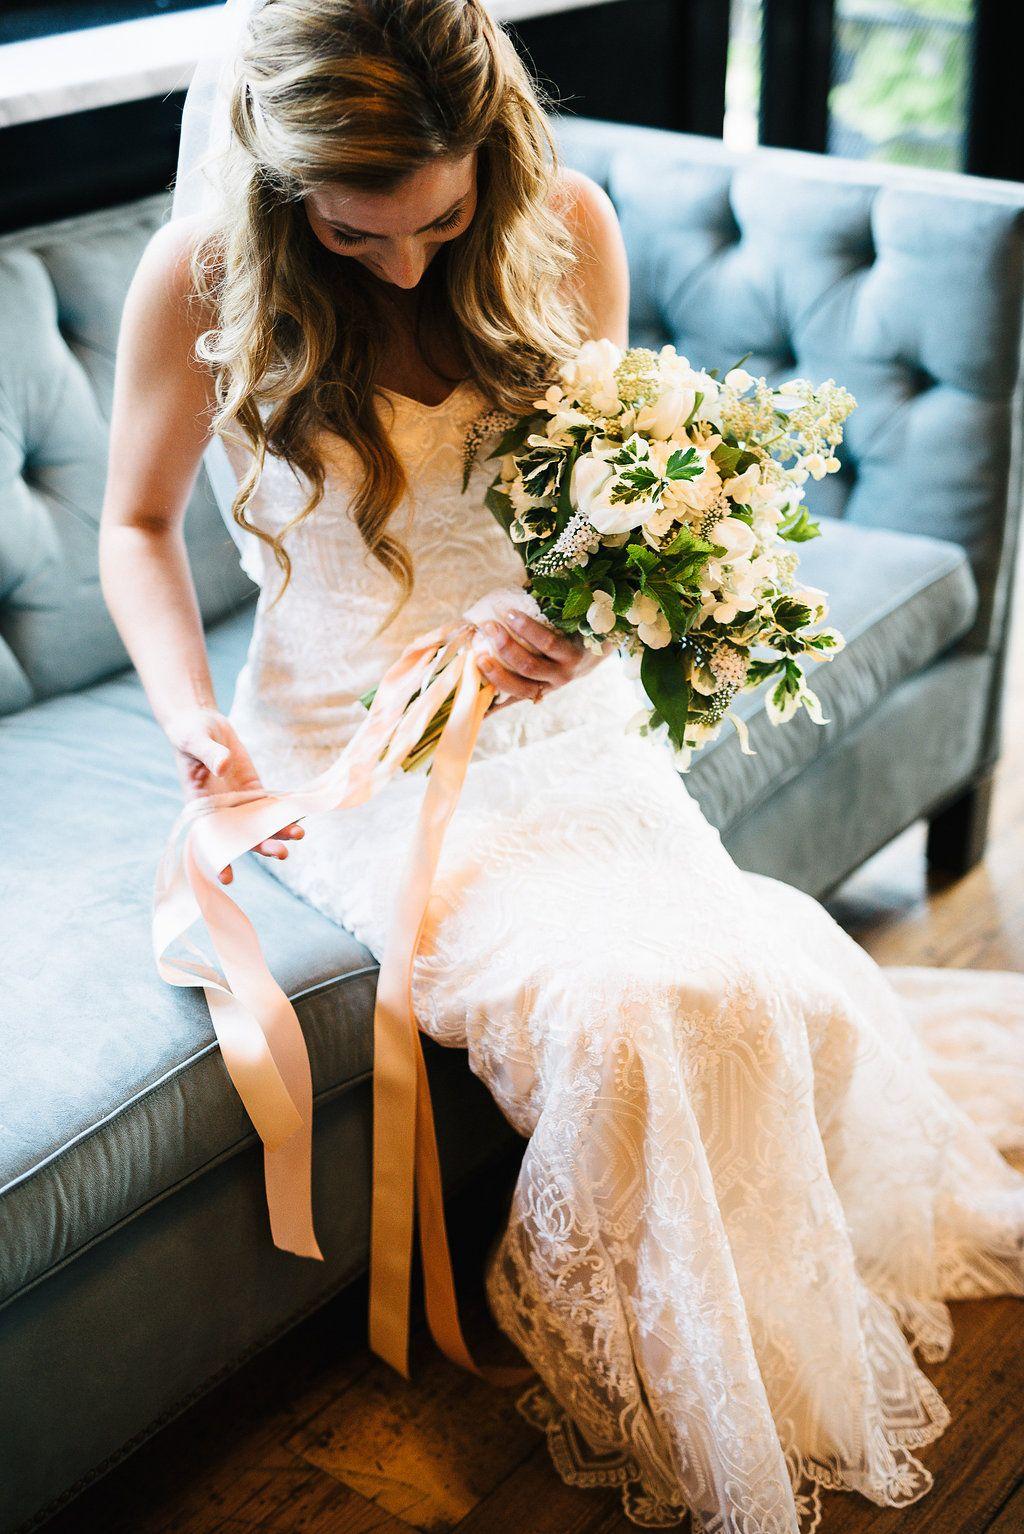 photography by chaz cruz / venue: 501 union / florist: bloombar